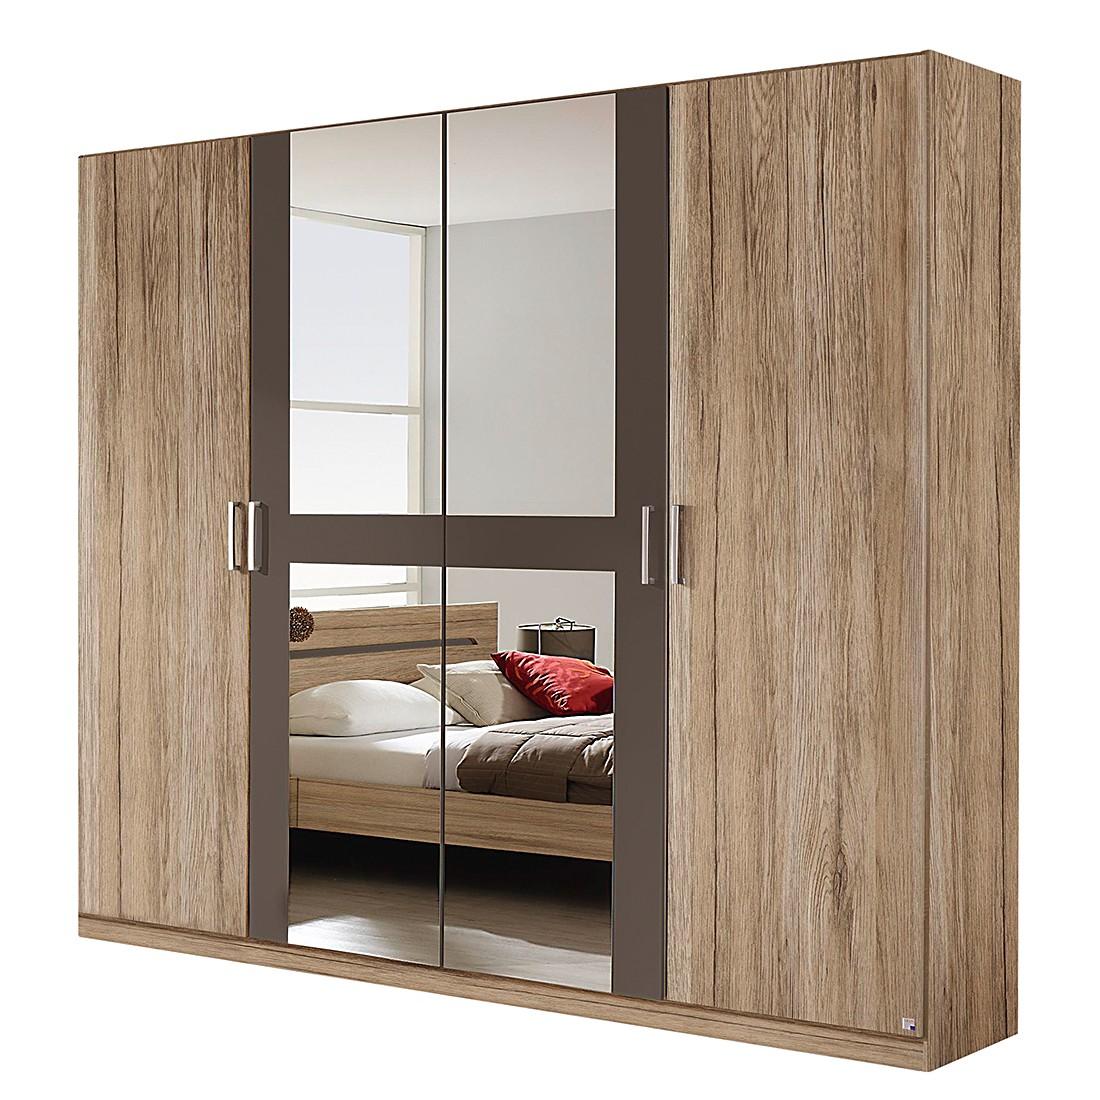 Schlafzimmer Einrichten Blog: Schlafzimmer Gestalten San Remo. Schlafzimmer Lampe Blog